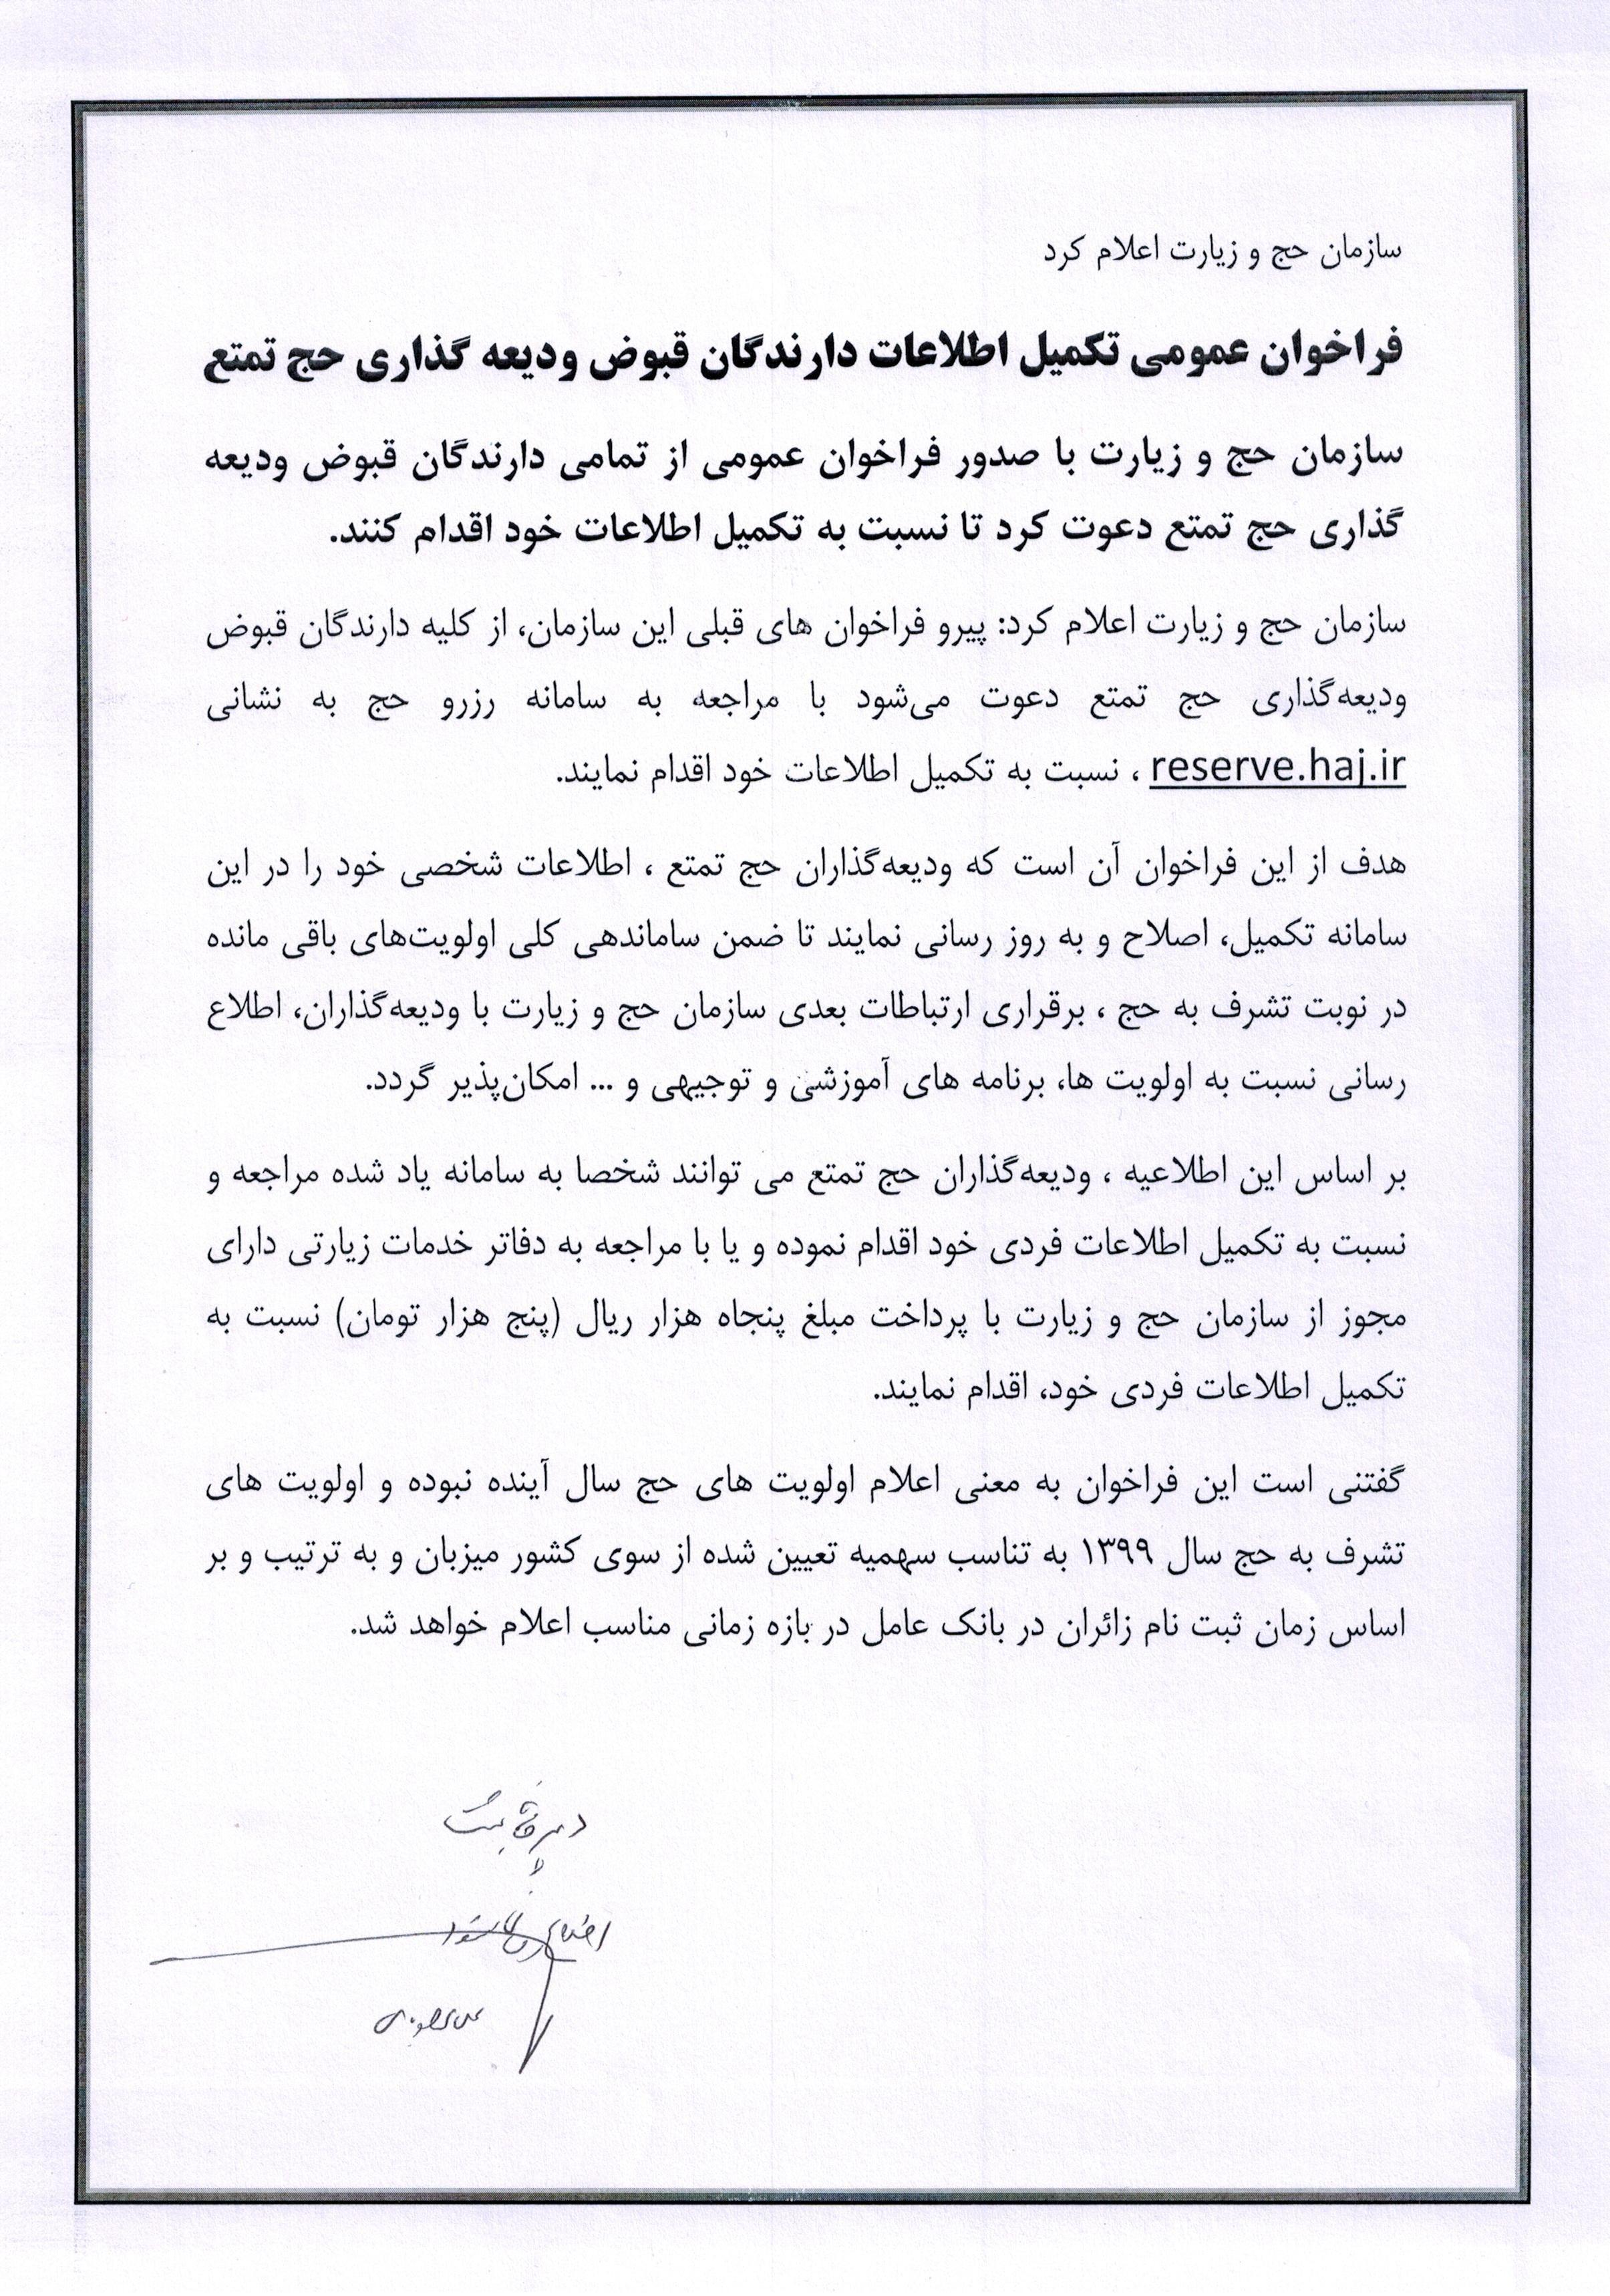 فراخوان تکمیل دارندگان قبوض ودیعه گذاری حج تمتع از سازمان حج و زیارت